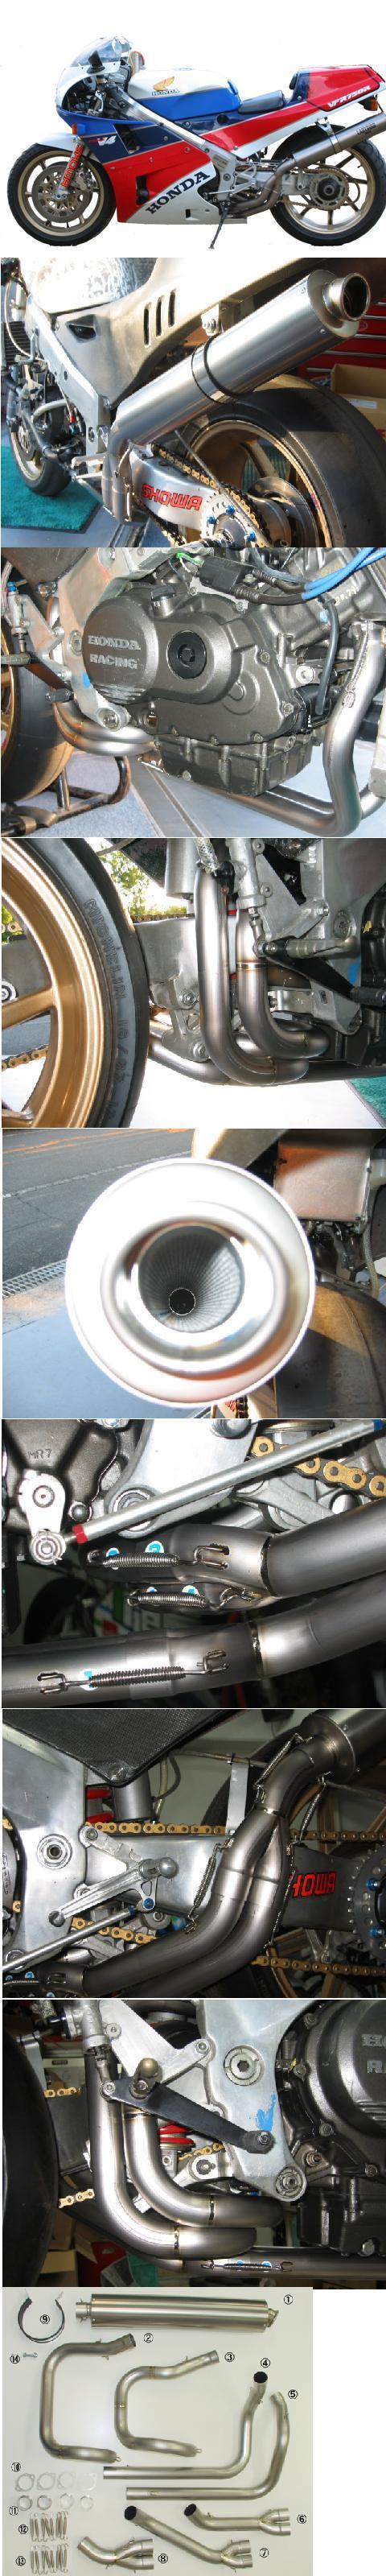 鈦合金全段排氣管/鈦合金消音器